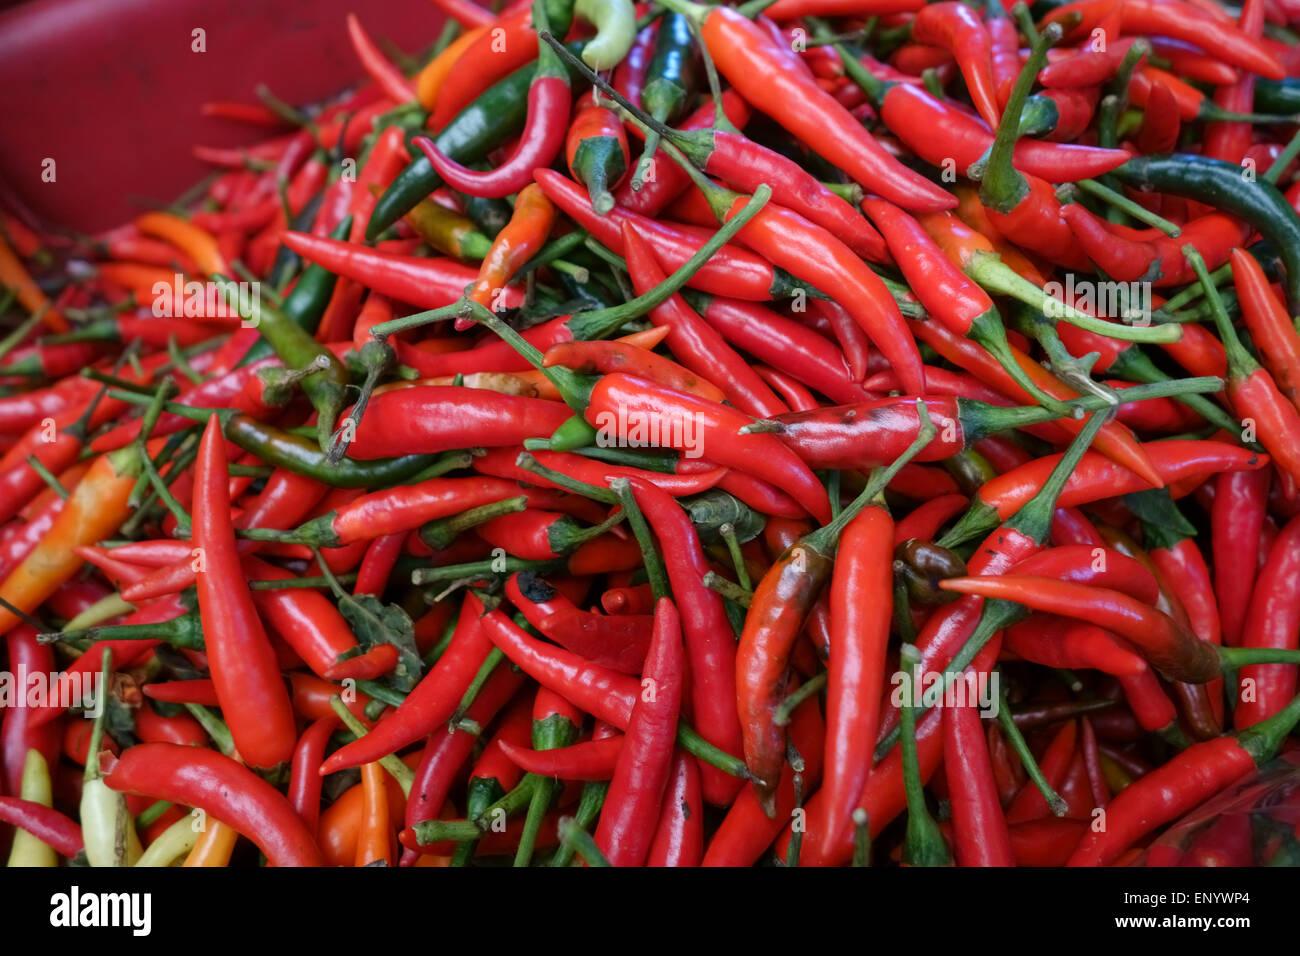 Grandi peperoncino rosso su una fase di stallo in una Bangkok mercato alimentare, Thailandia Immagini Stock